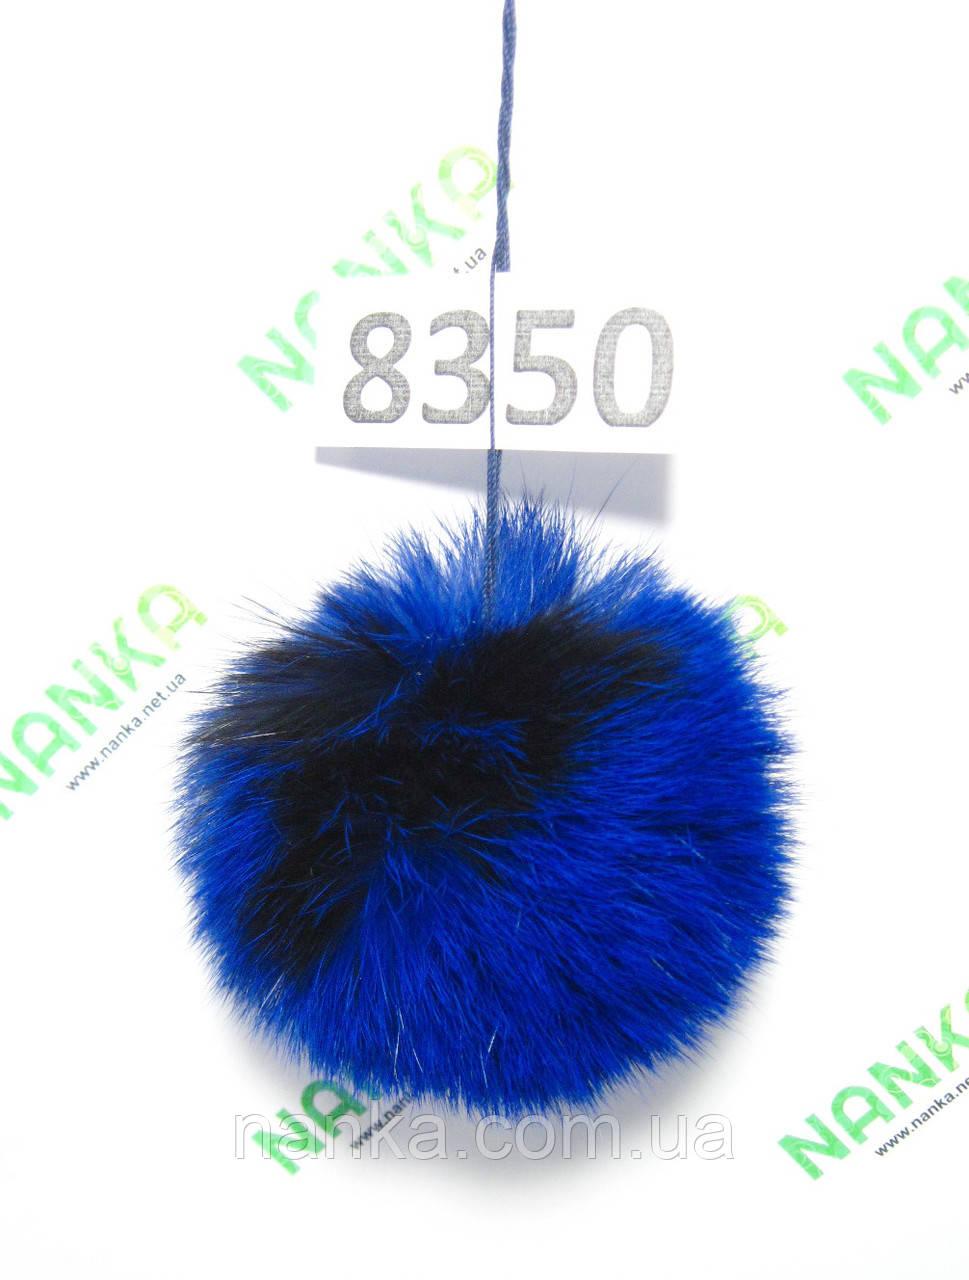 Меховой помпон Кролик, Ультрасиний с ч/п, 10 см, 8350